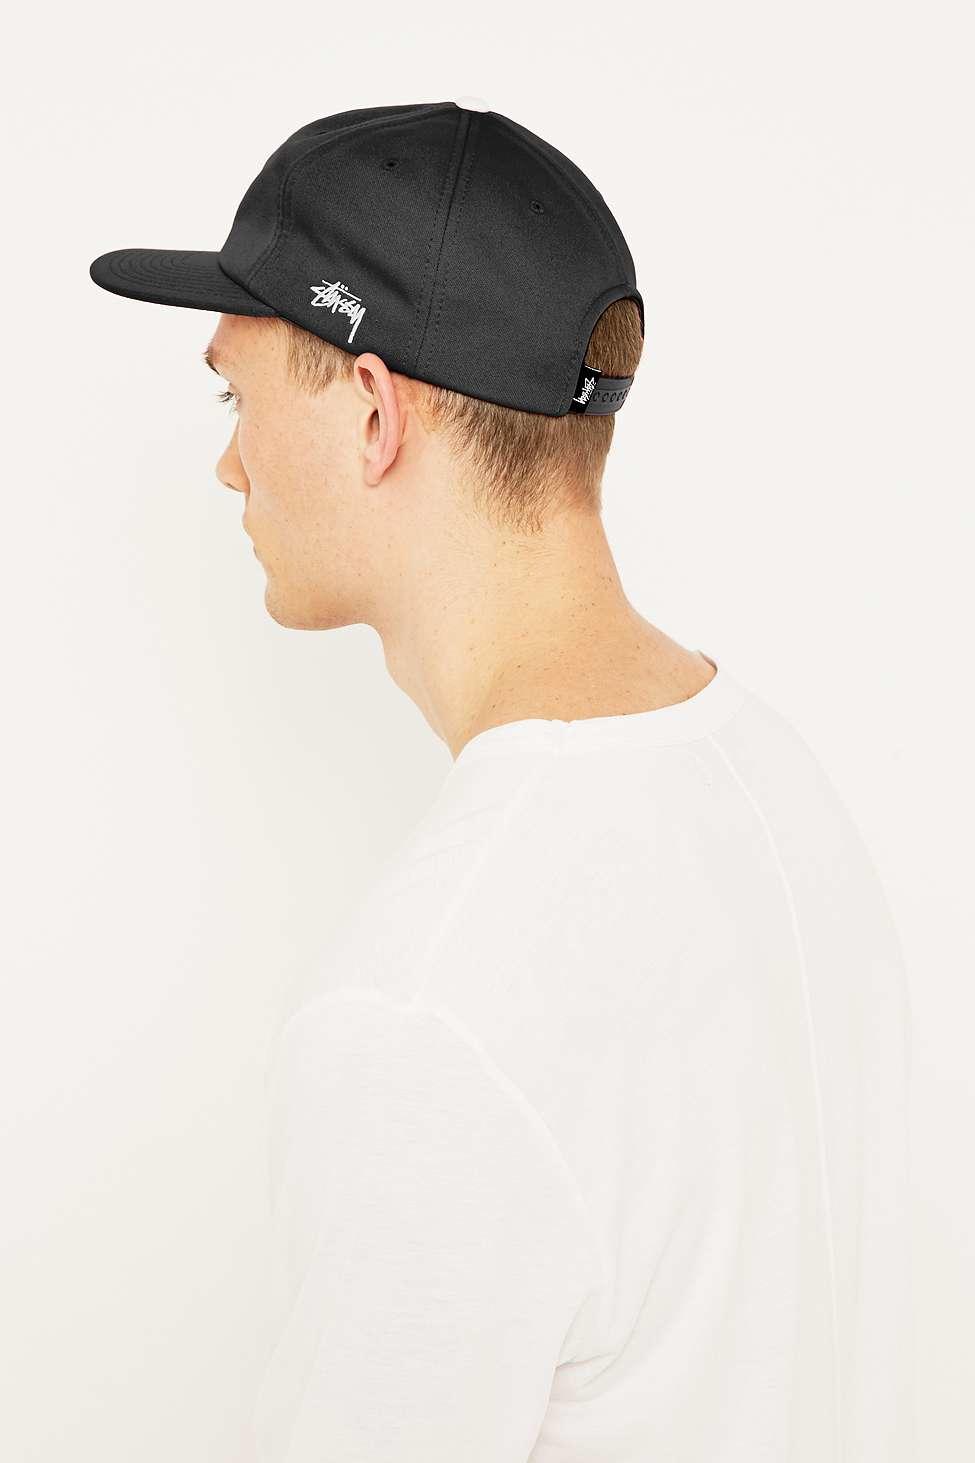 Stussy Short Brim Old S Black Snapback Cap in Black for Men - Lyst 4d6596d518d